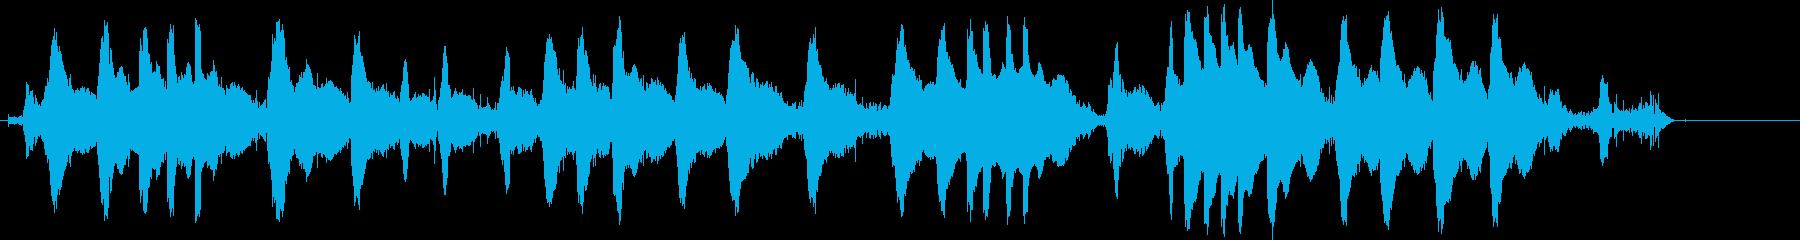 スポーツカースタートエンジン、レブ...の再生済みの波形